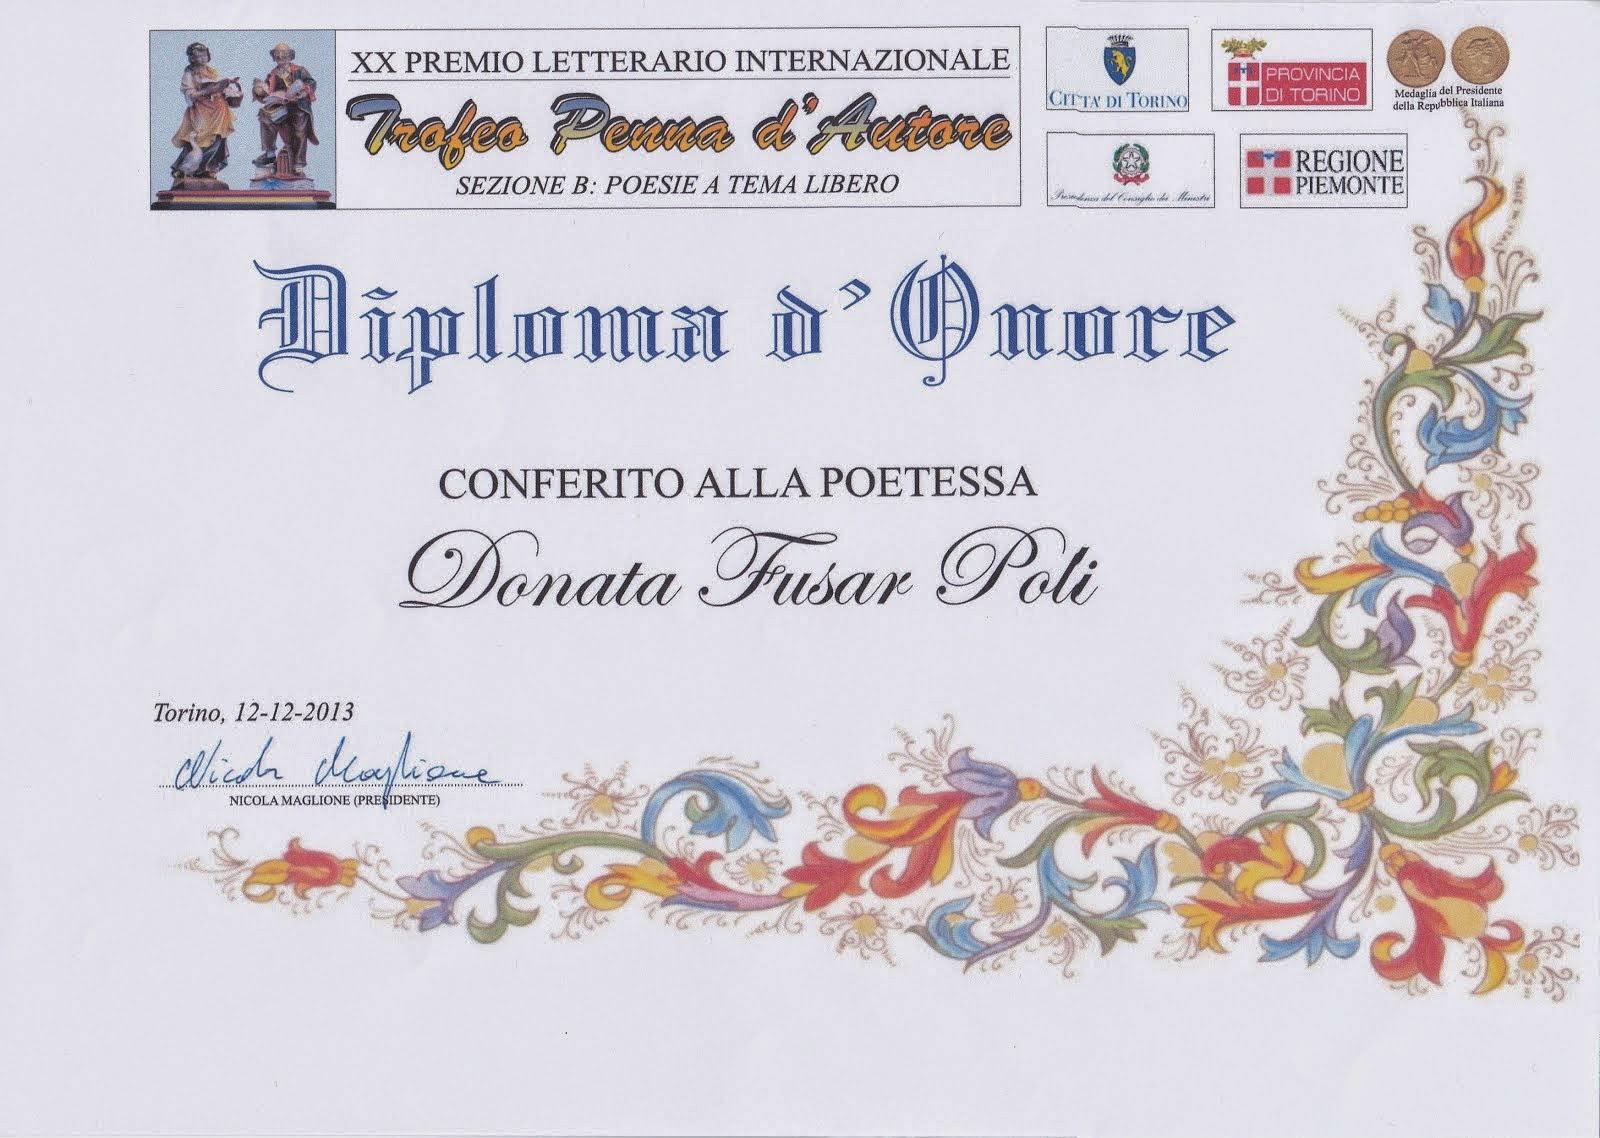 XX Premio Letterario Internazionale - 2013- Antologia in uscita